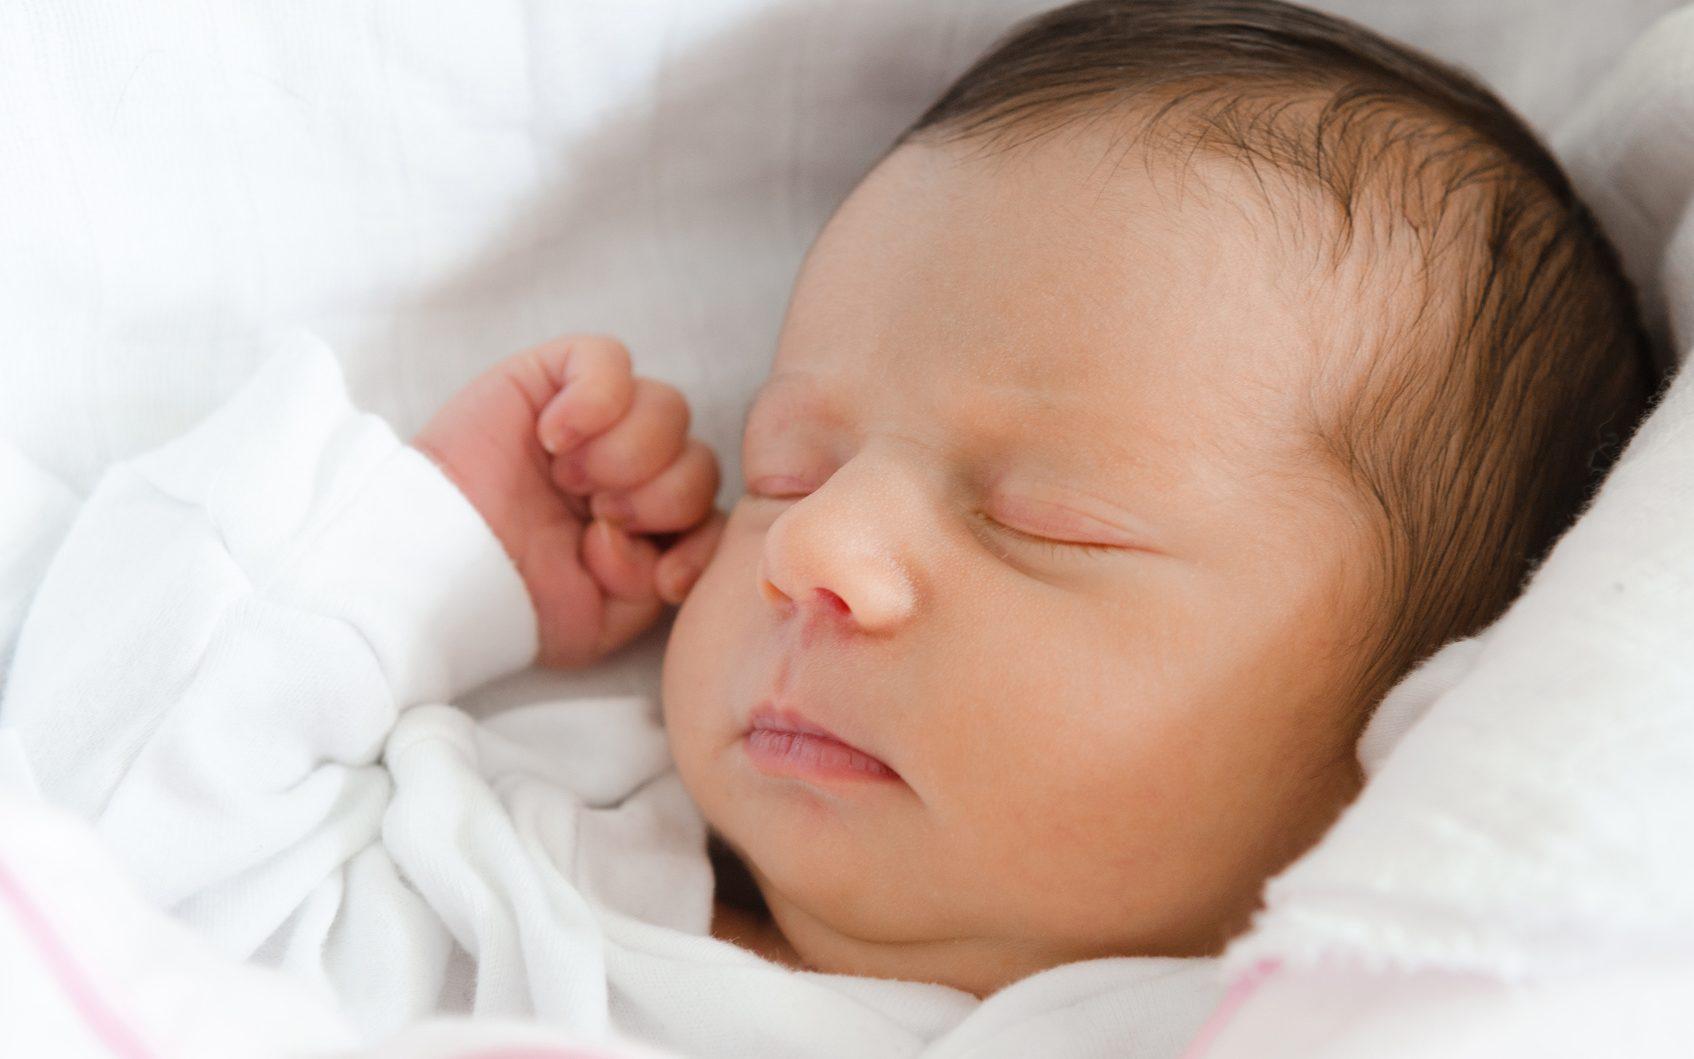 درمان عرق کردن نوزاد